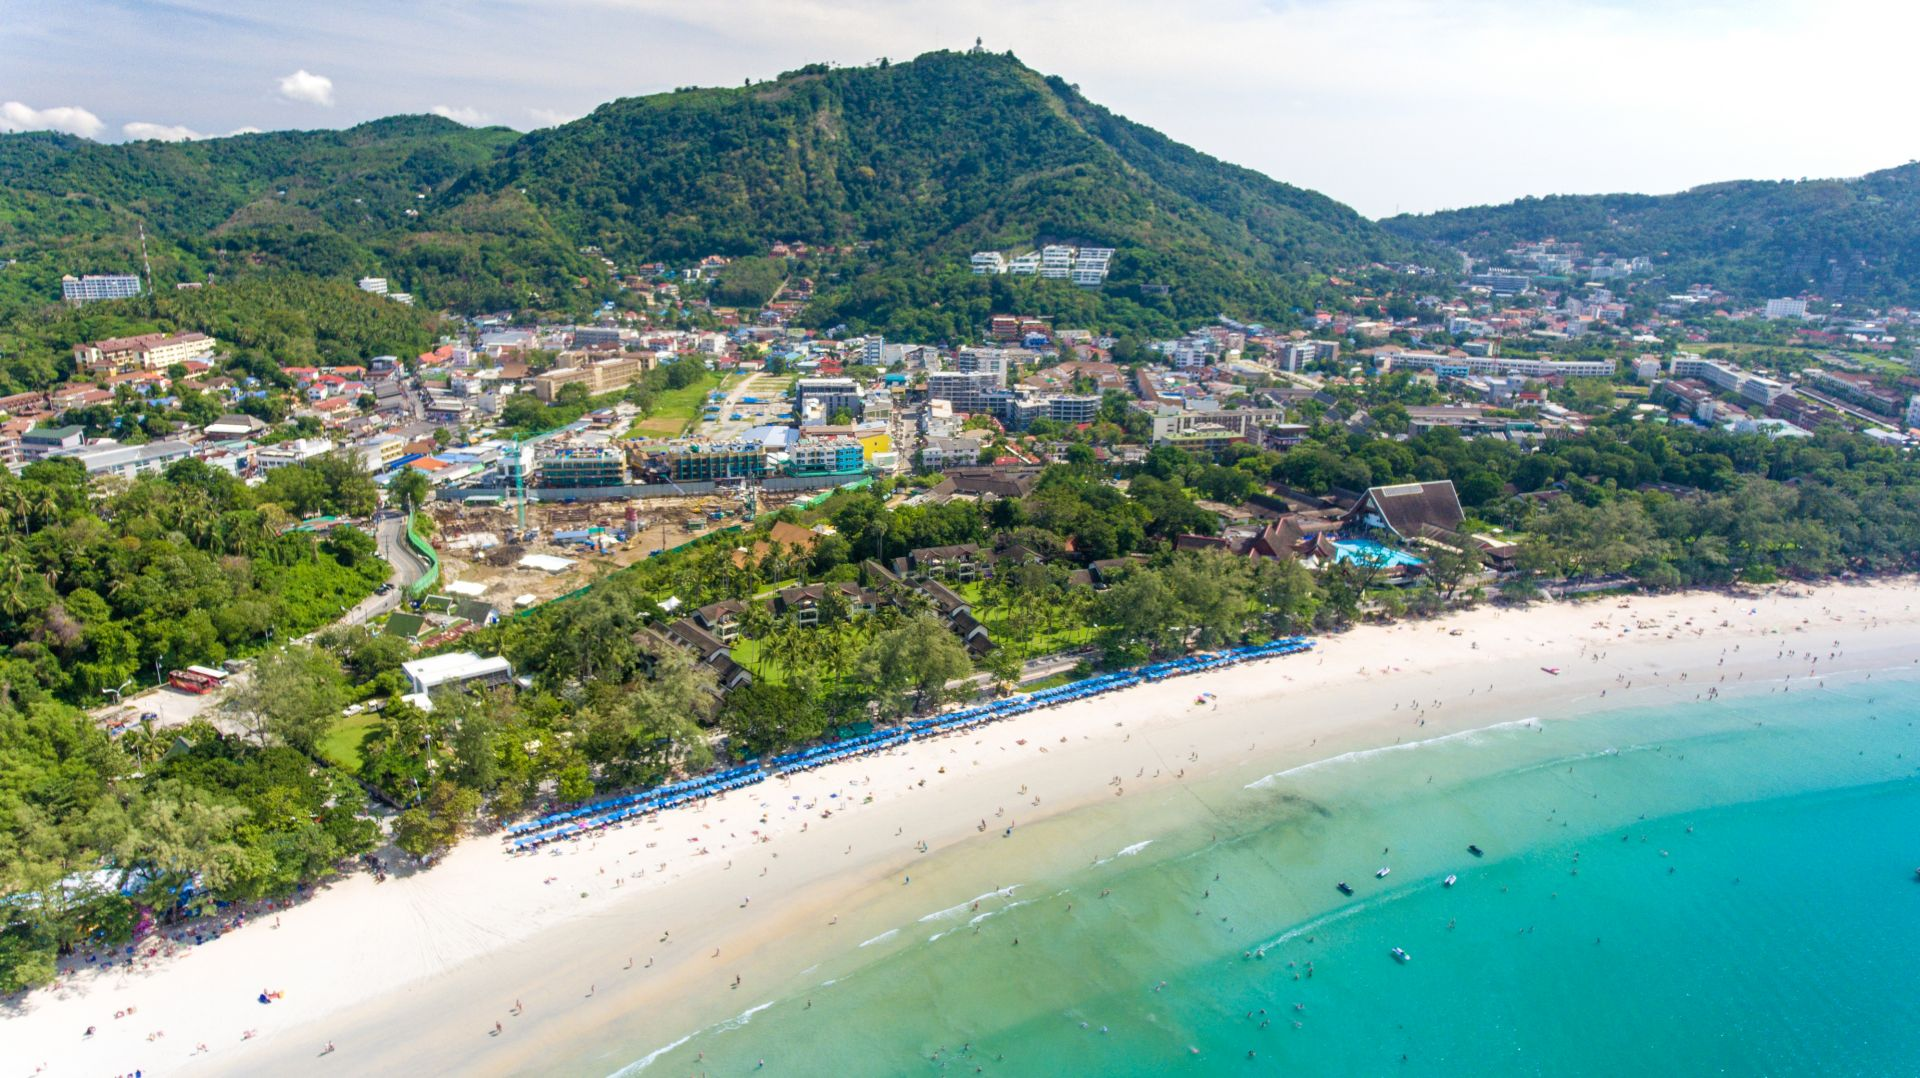 Нелегальные отели в Таиланде получили амнистию